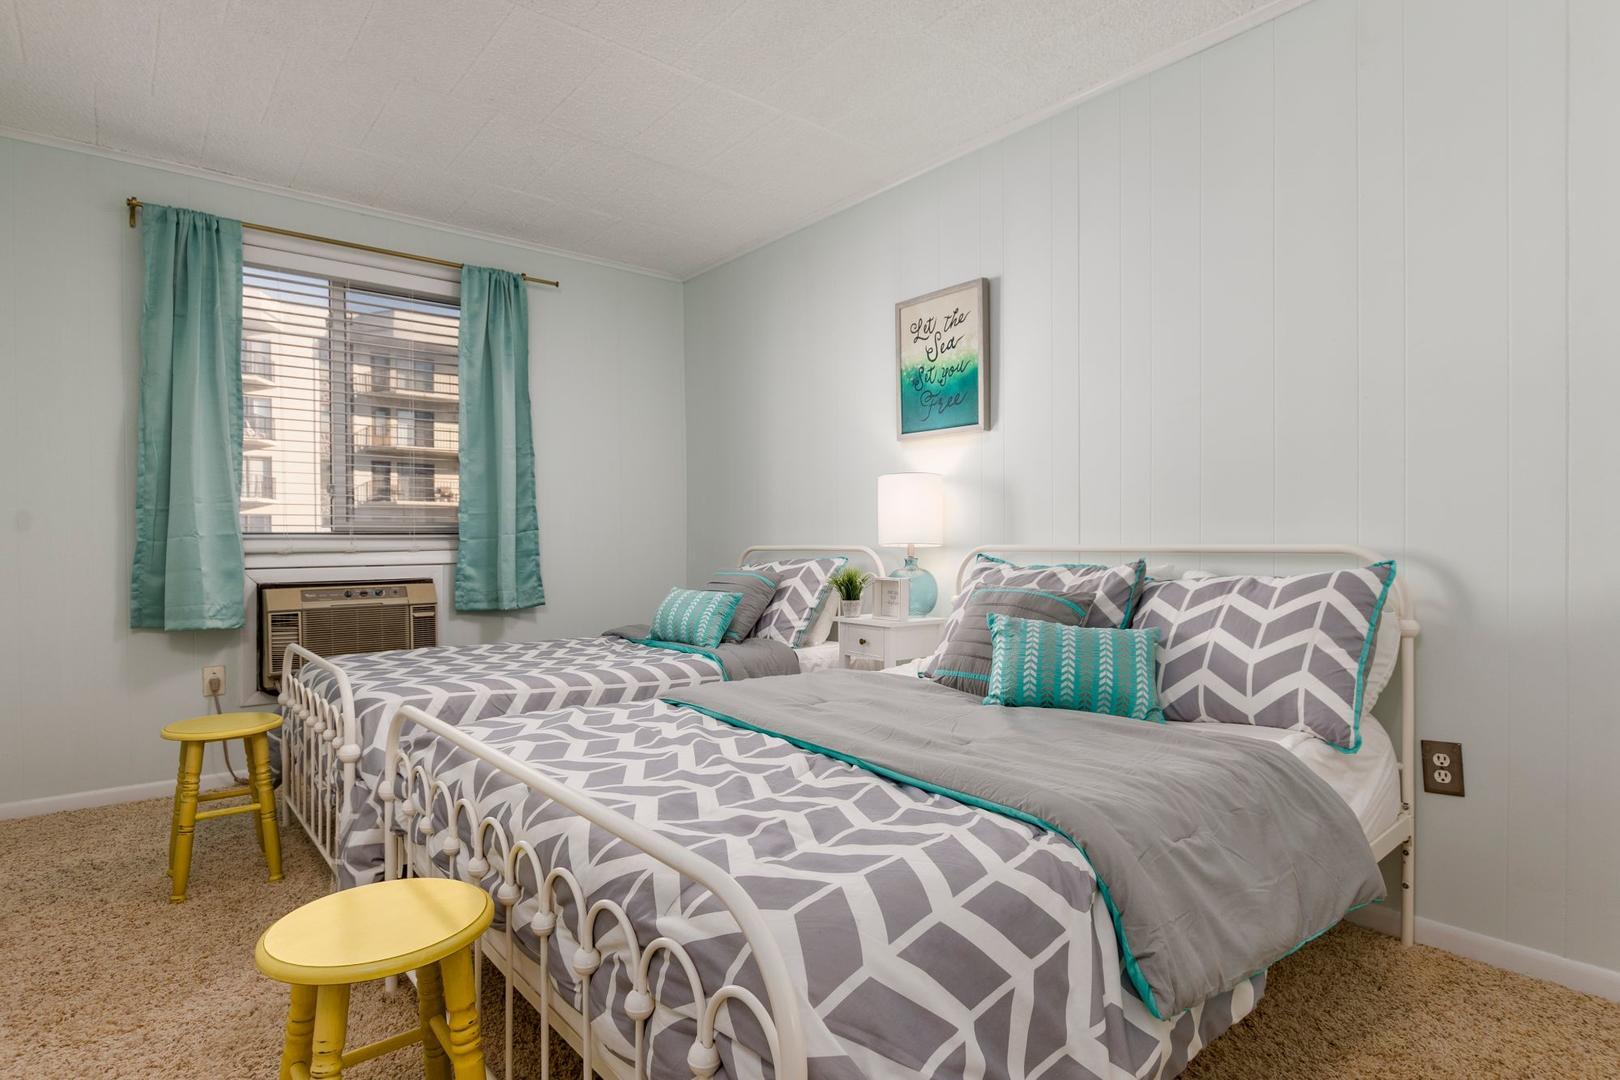 Colonial Condo 202 - Bedroom 2